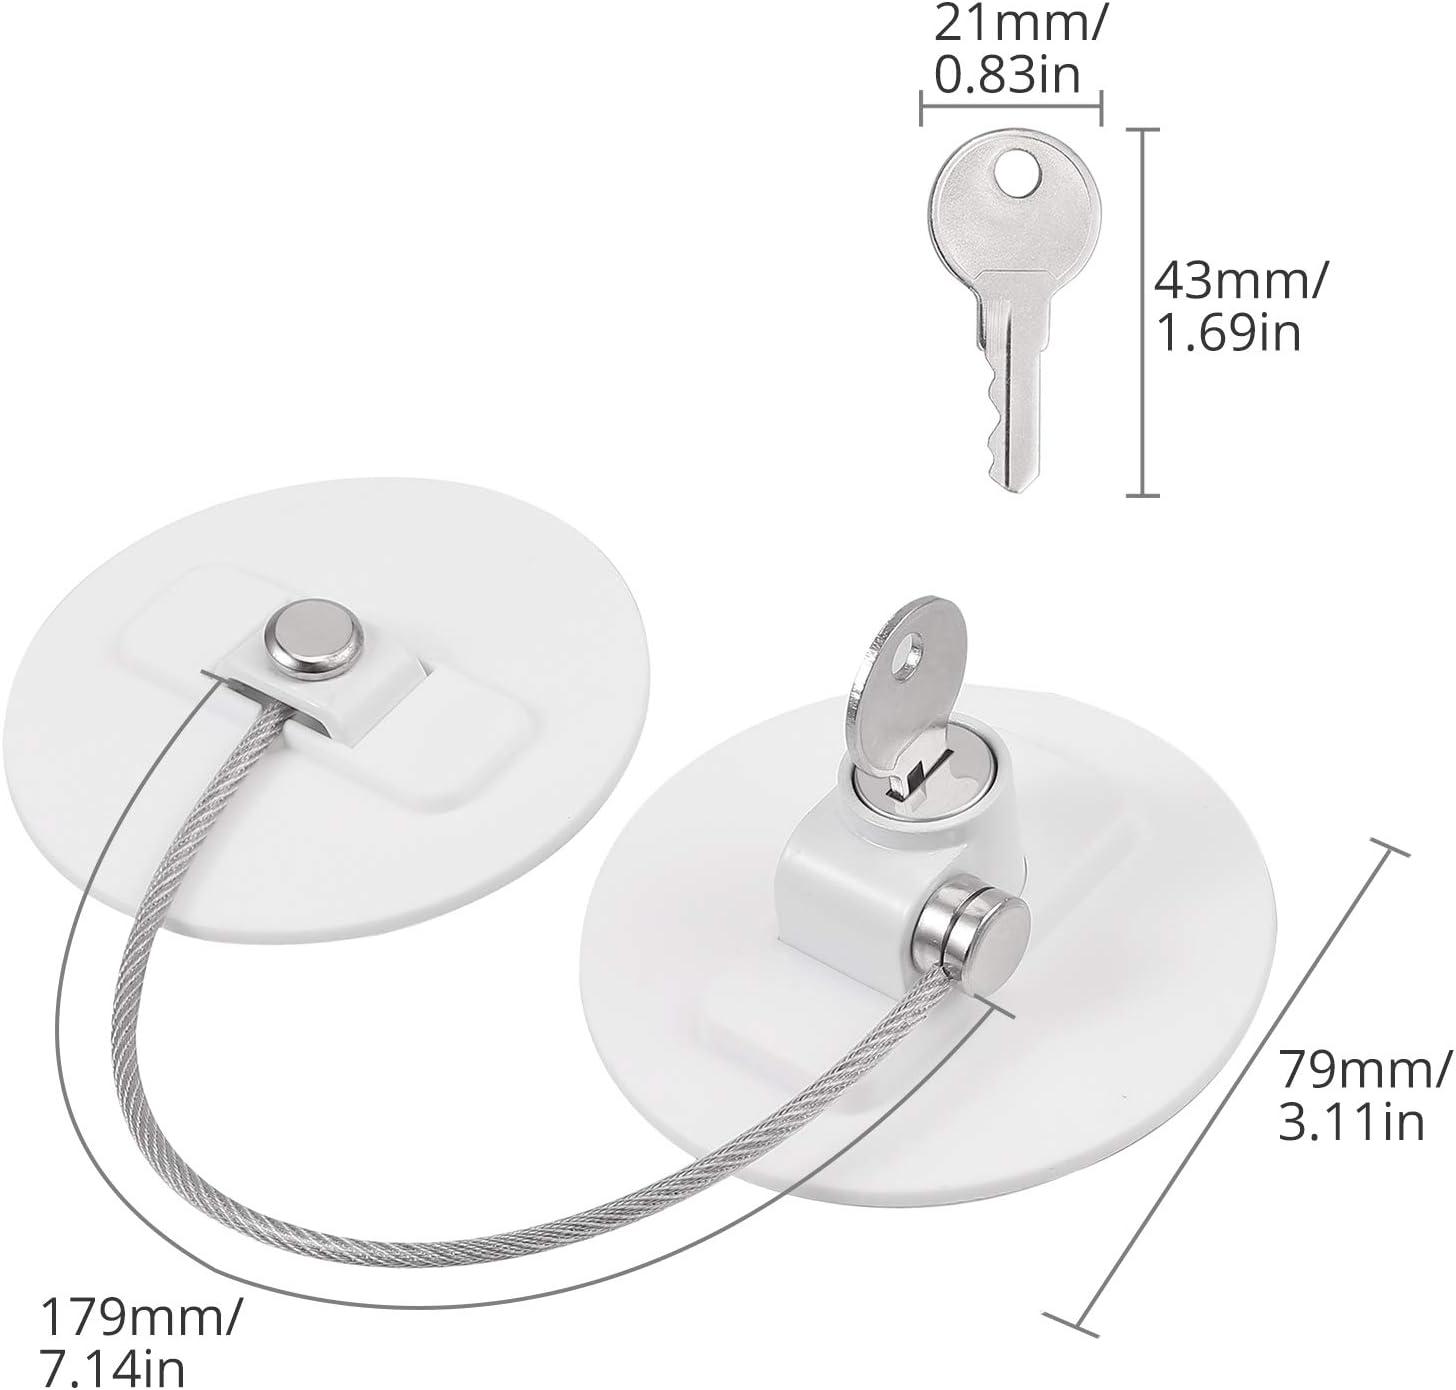 4 Piezas de Seguridad para Ni/ños Color Blanco Caj/ón CAMWAY Armario con Cerradura para Puerta de Frigor/ífico Herramientas de 20 cm con 8 Llaves